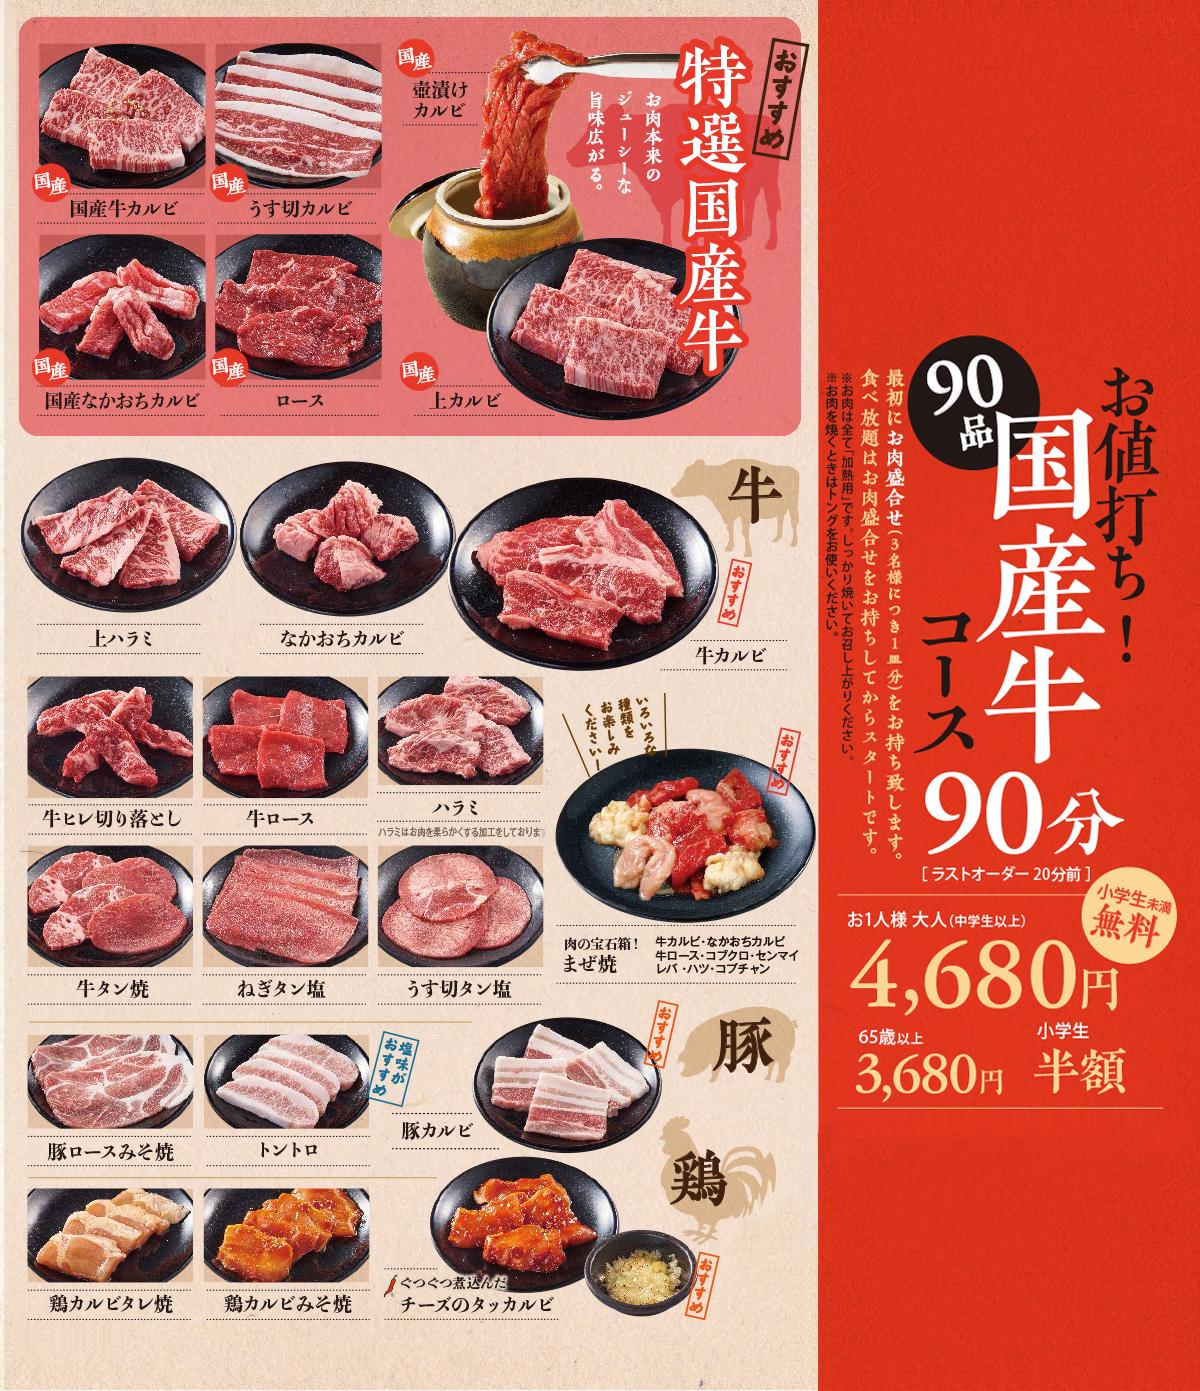 国産牛焼肉くいどん 厳選した国産牛|食べ放題|メニュー紹介